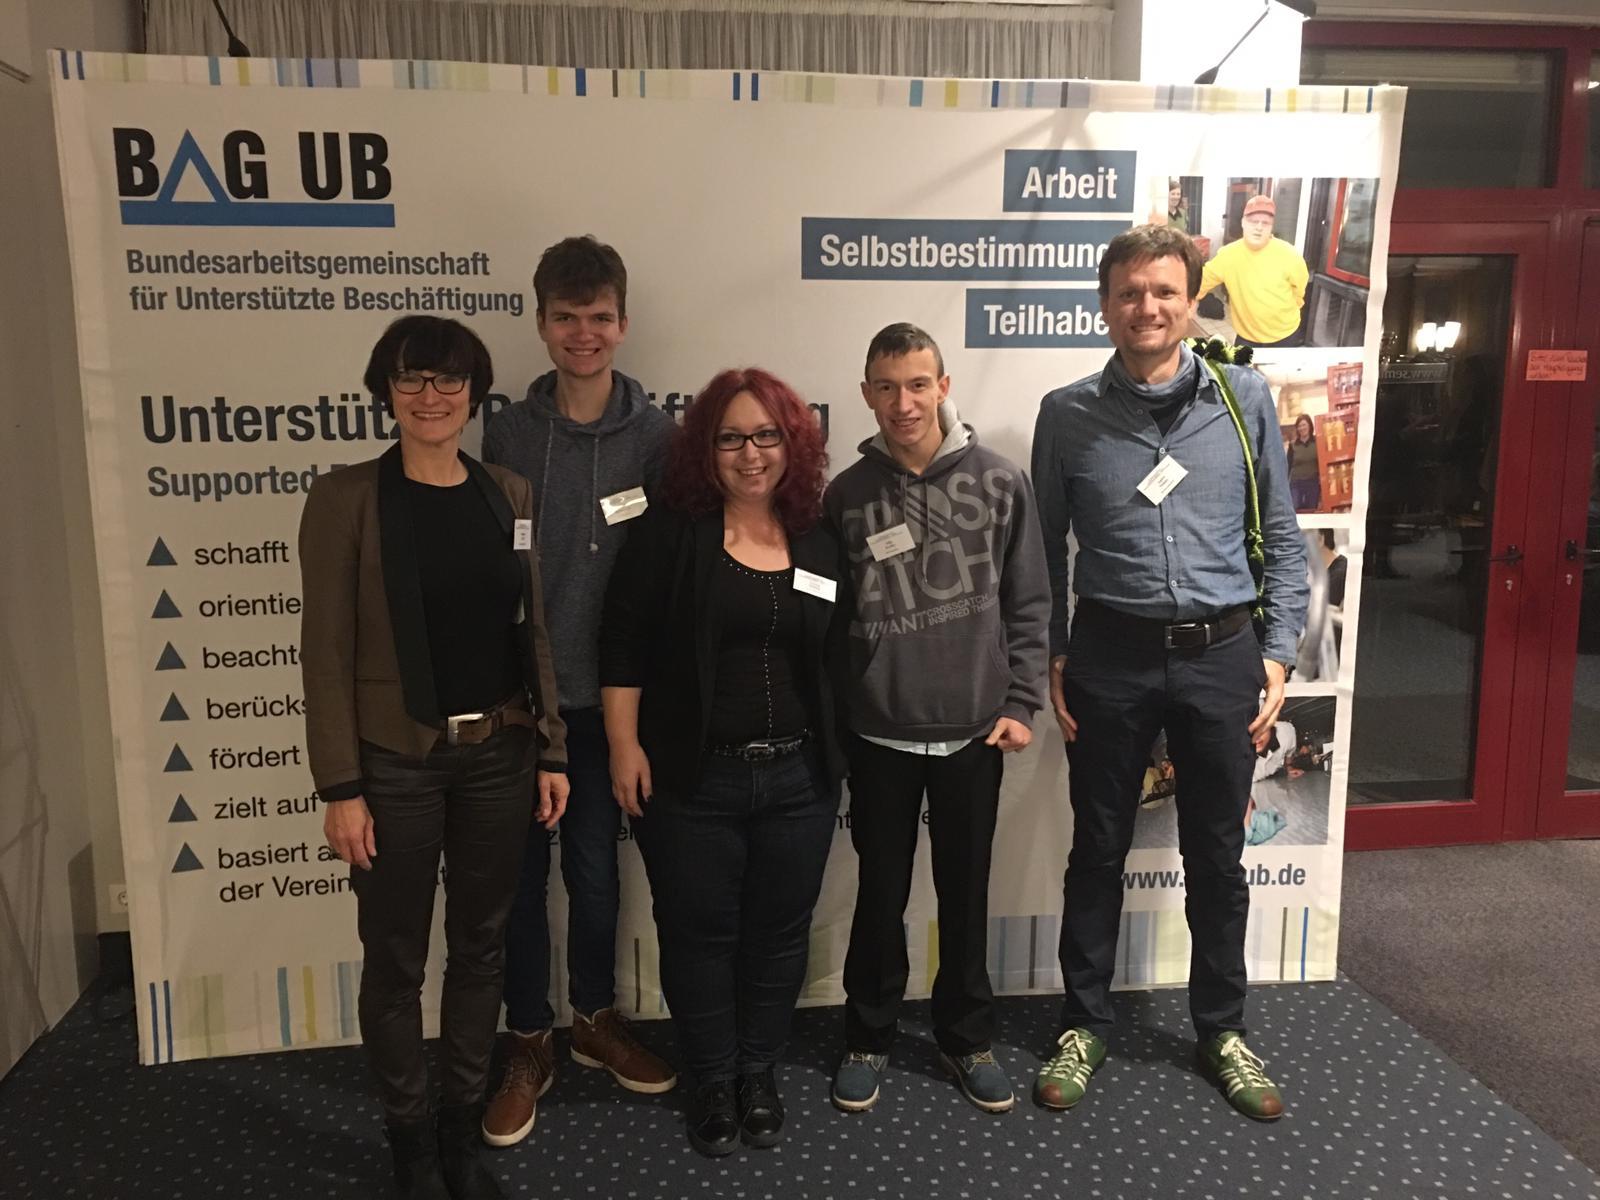 Fachtagung der BAG UB in Bad Honnef vom 21. bis 23. November 2018 - Erfahrungsbericht von Julian Hamberger